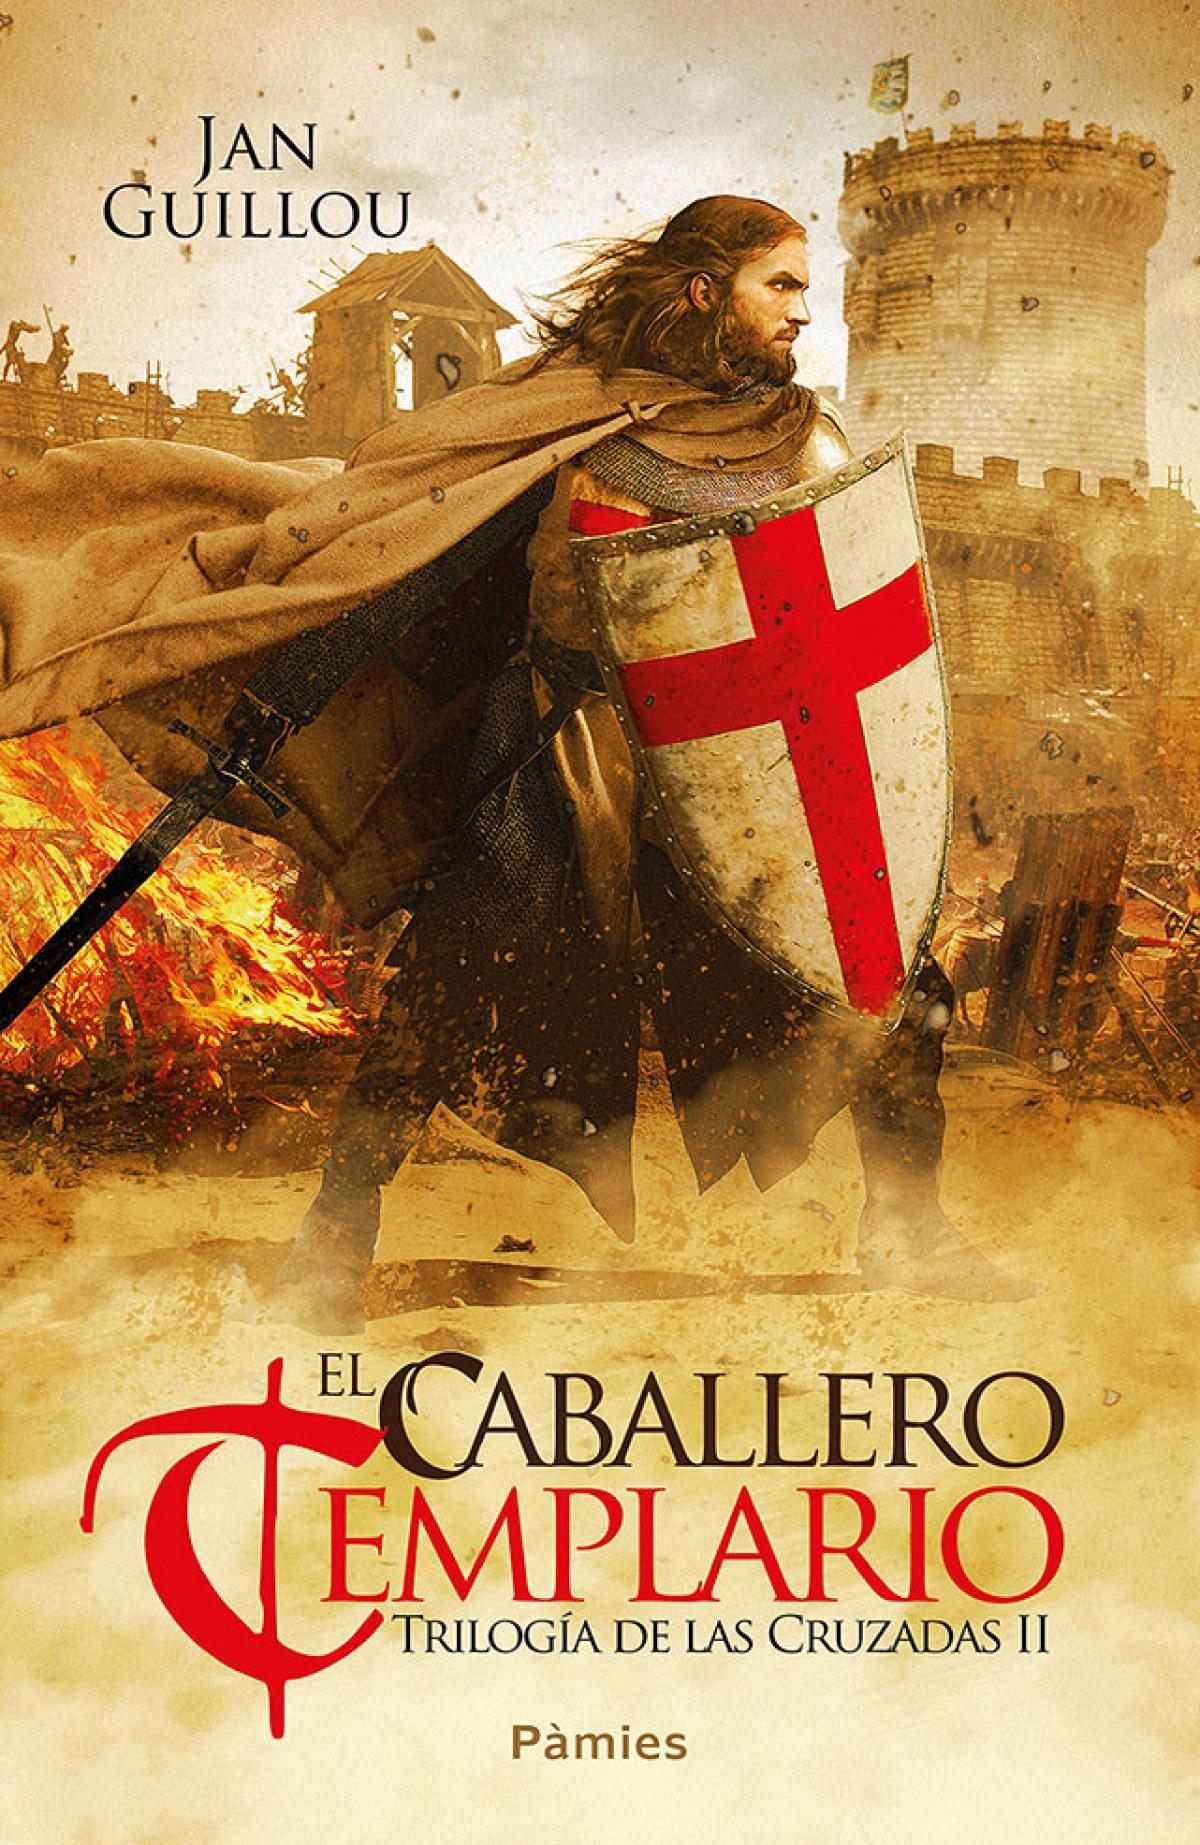 EL CABALLERO TEMPLARIO 9788416970841